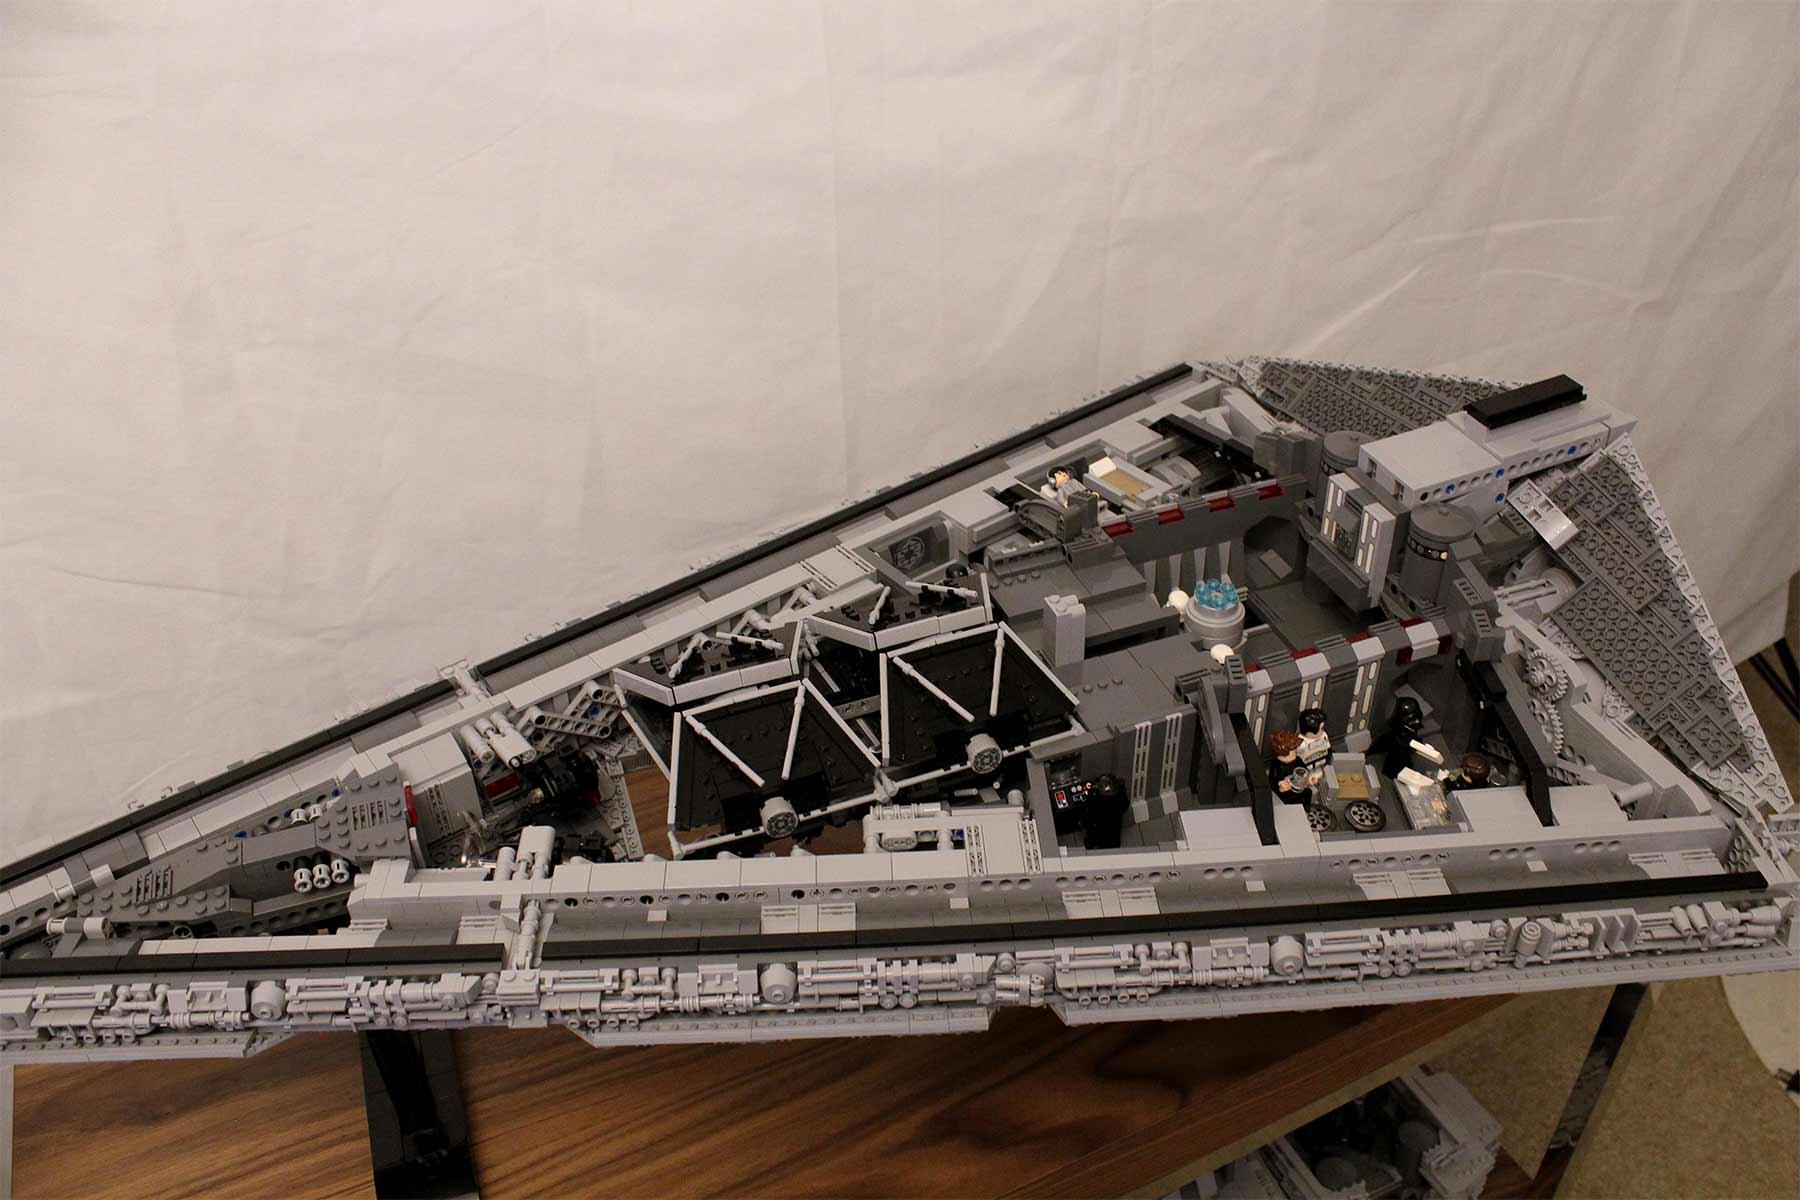 Gigantischer Sternzerstörer aus LEGO lego-sternzerstoerer-star-wars-riesig_07